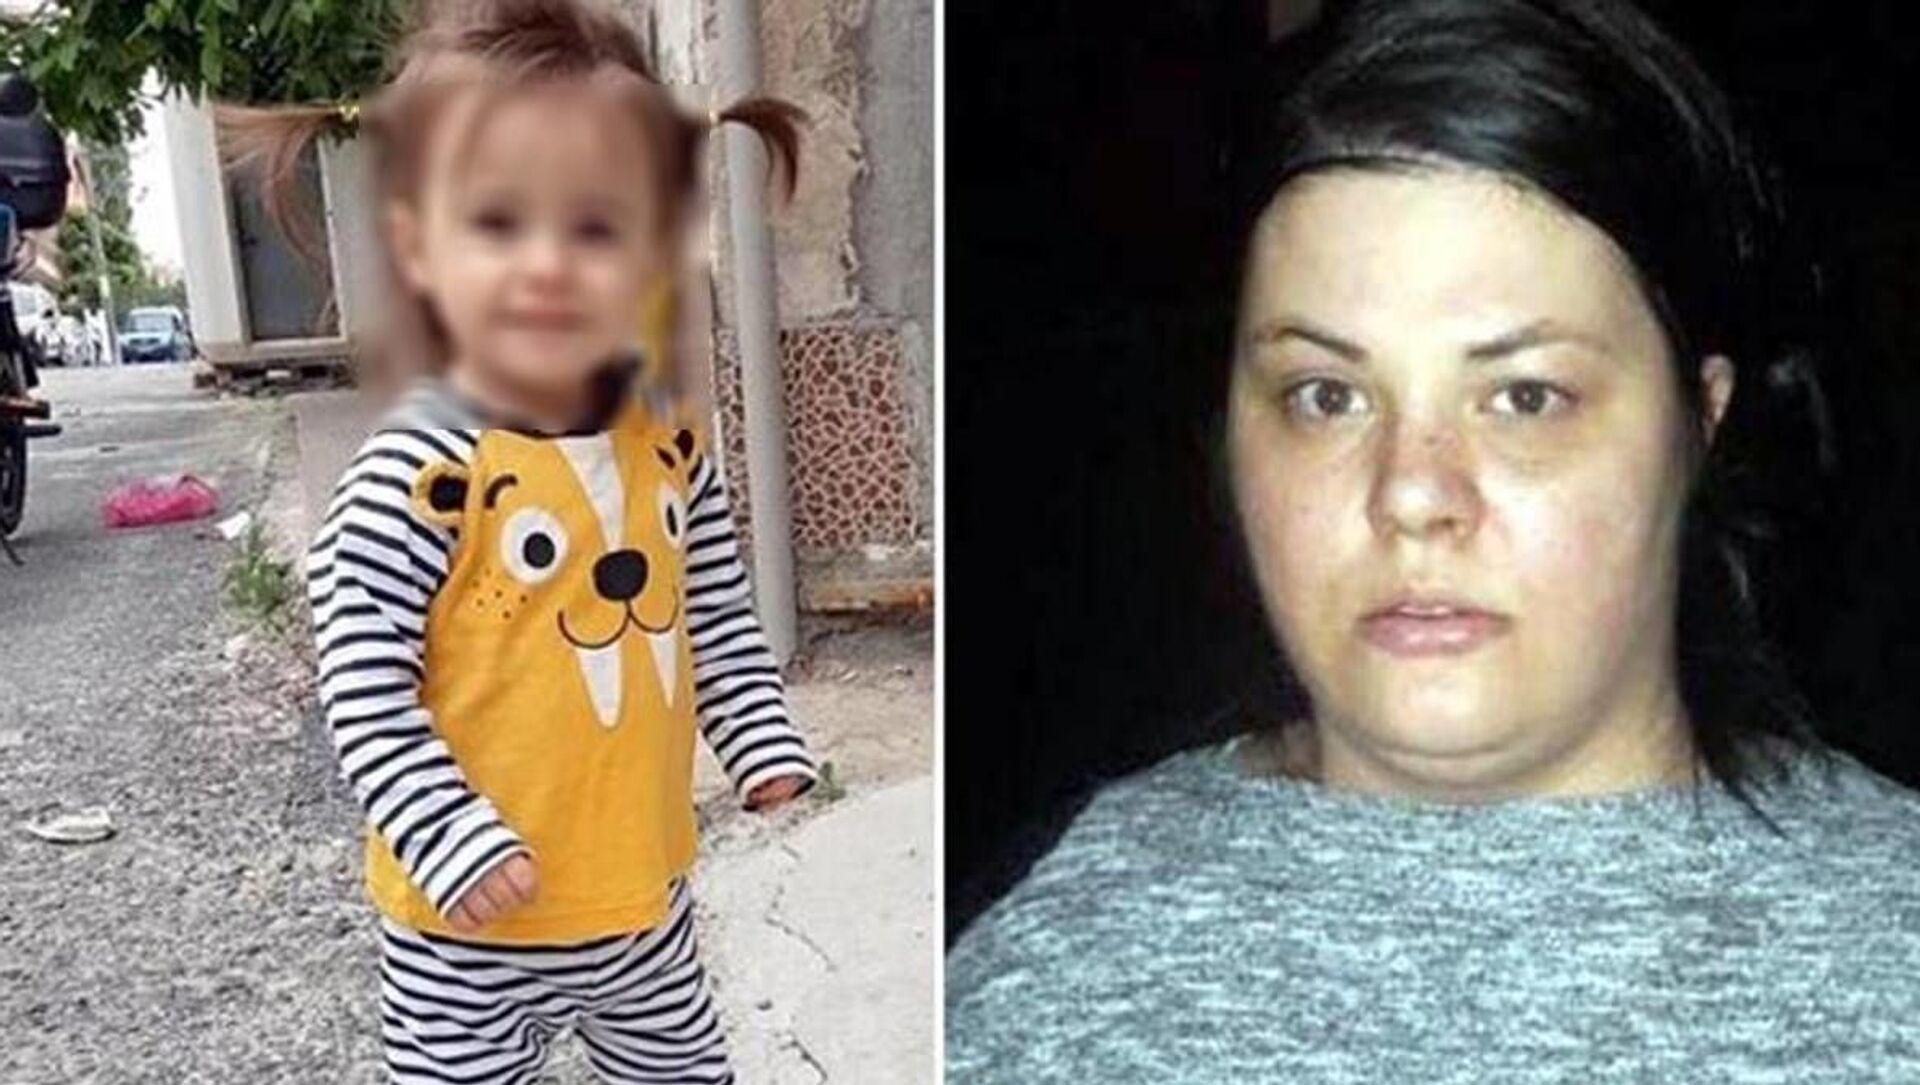 2 yaşındaki kızını pencereden atarak öldürdü: 'Bana cinler geldi ve kızımı aşağıatmamı söyledi' - Sputnik Türkiye, 1920, 17.06.2021